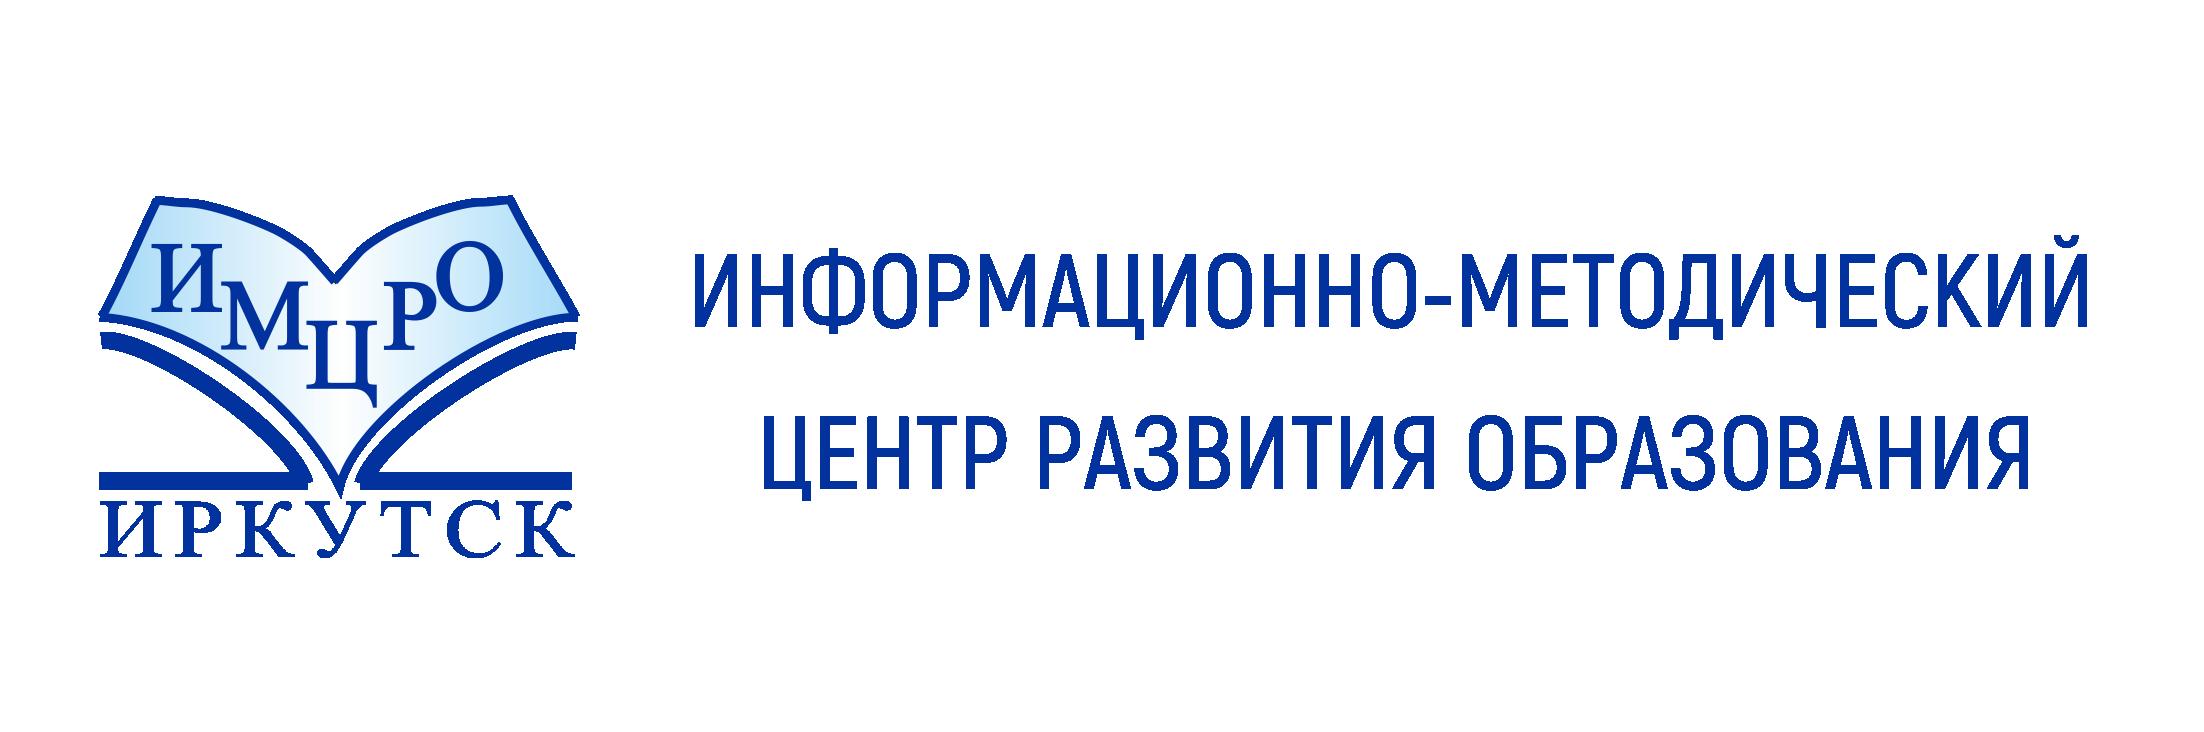 ИМЦРО